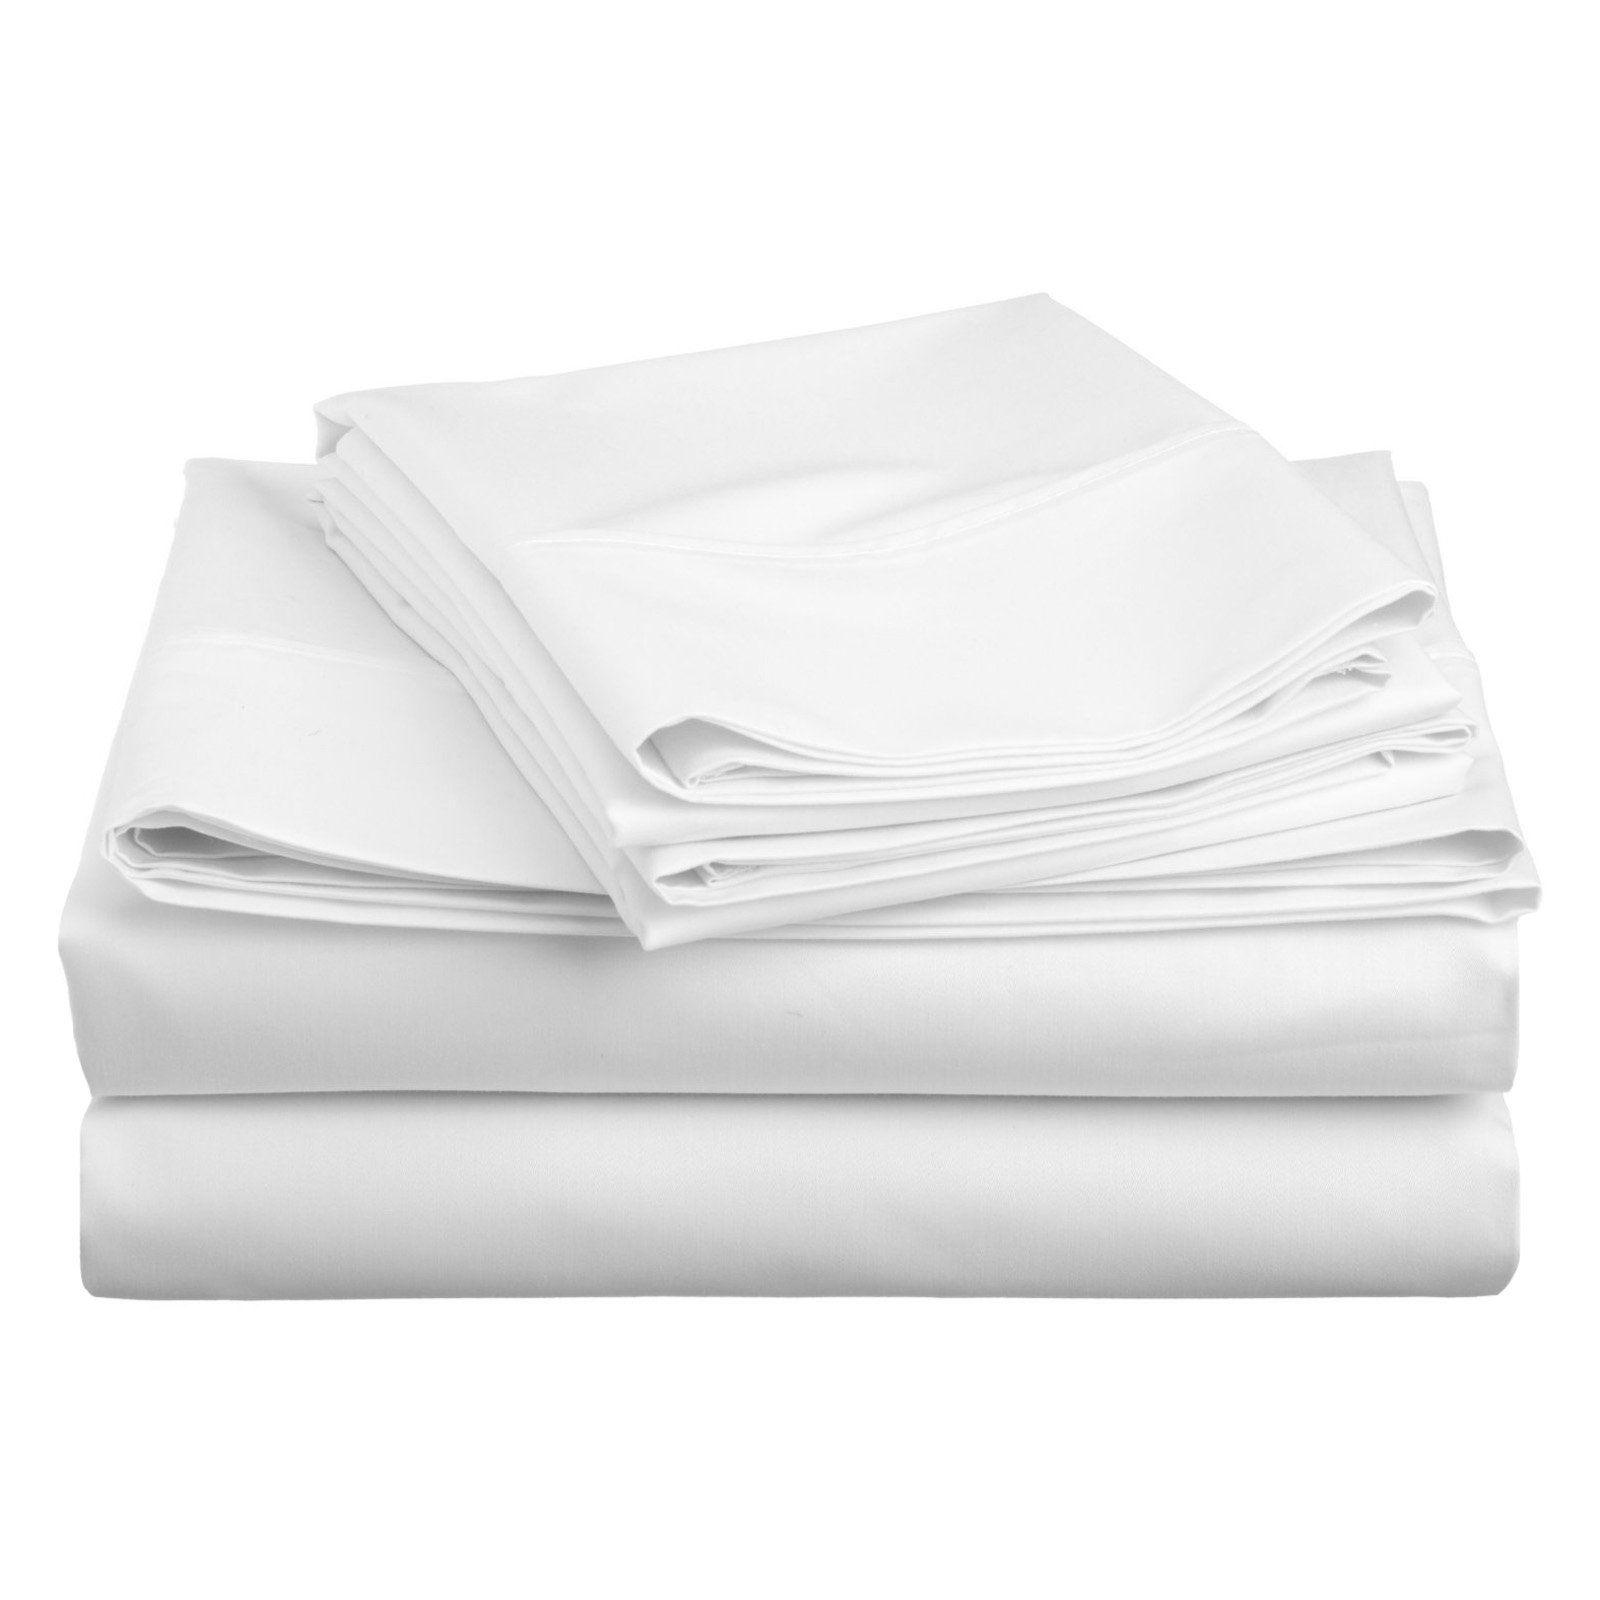 Hypoallergenic Ultra Beckham Hotel Collection Premium Microplush Mattress Pad